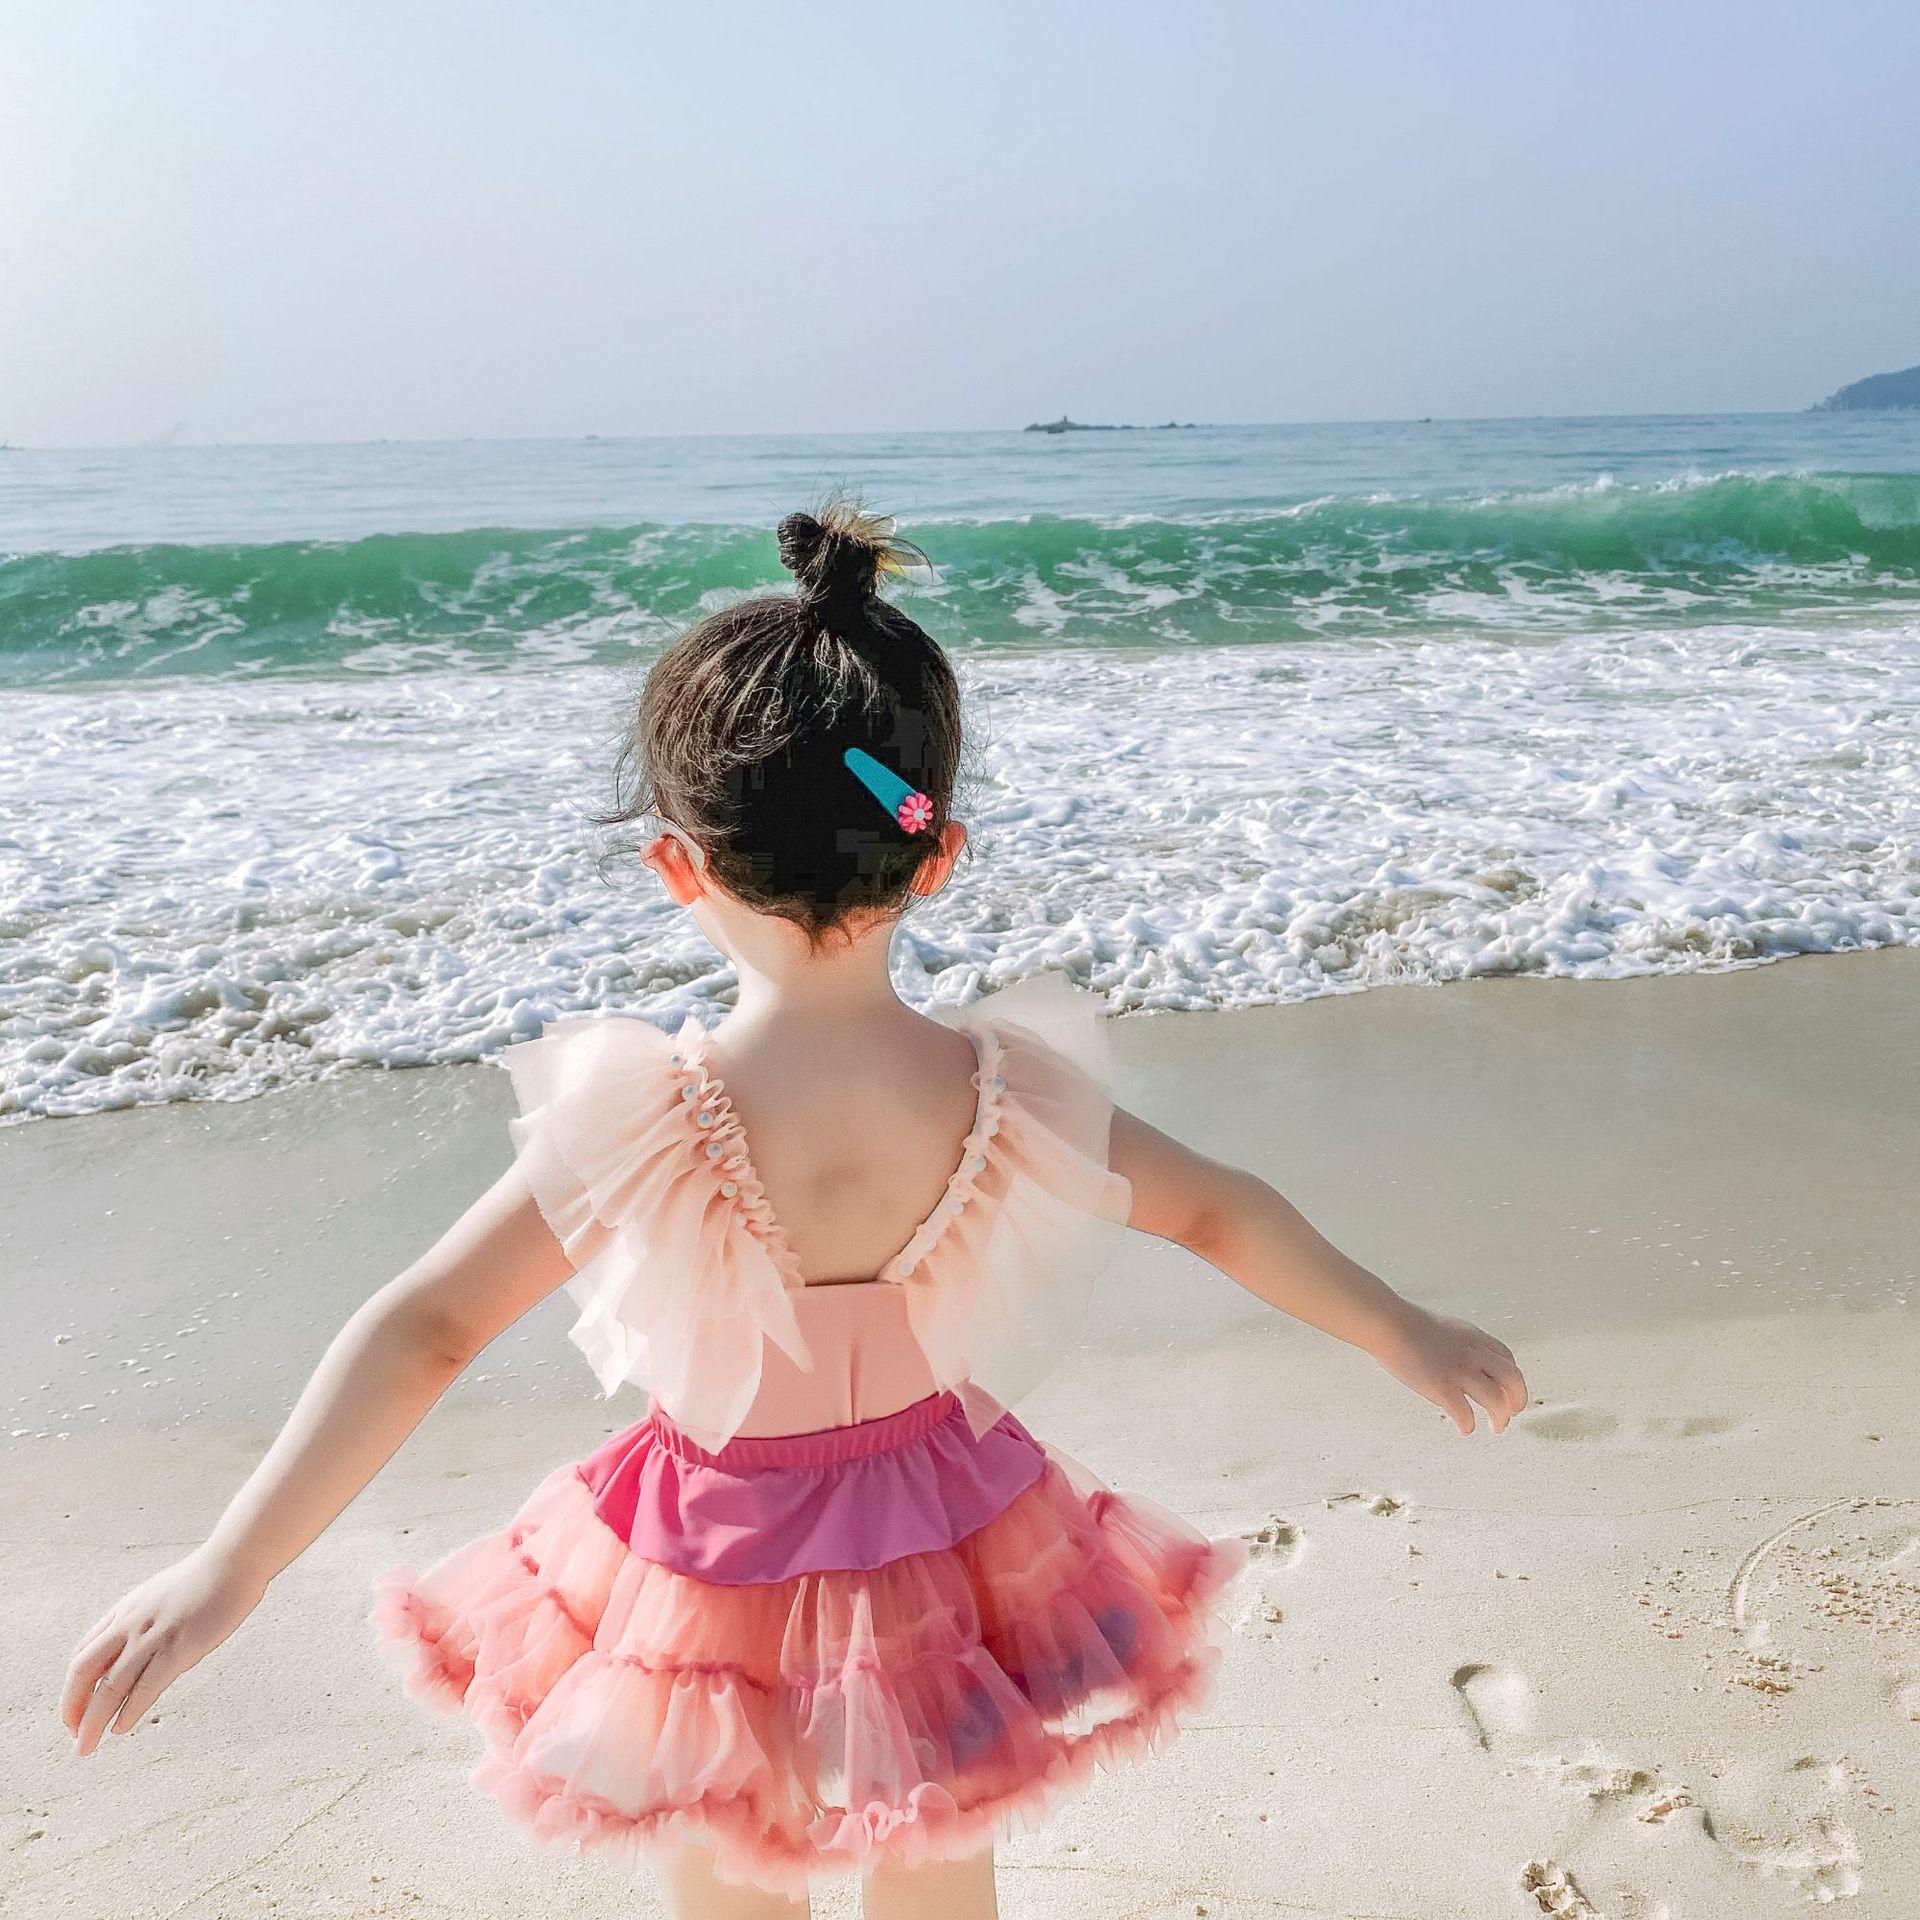 中國代購 中國批發-ibuy99 泳装 女童泳衣网红2021年新款韩国宝宝女宝宝二岁儿童女孩女宝可爱3岁